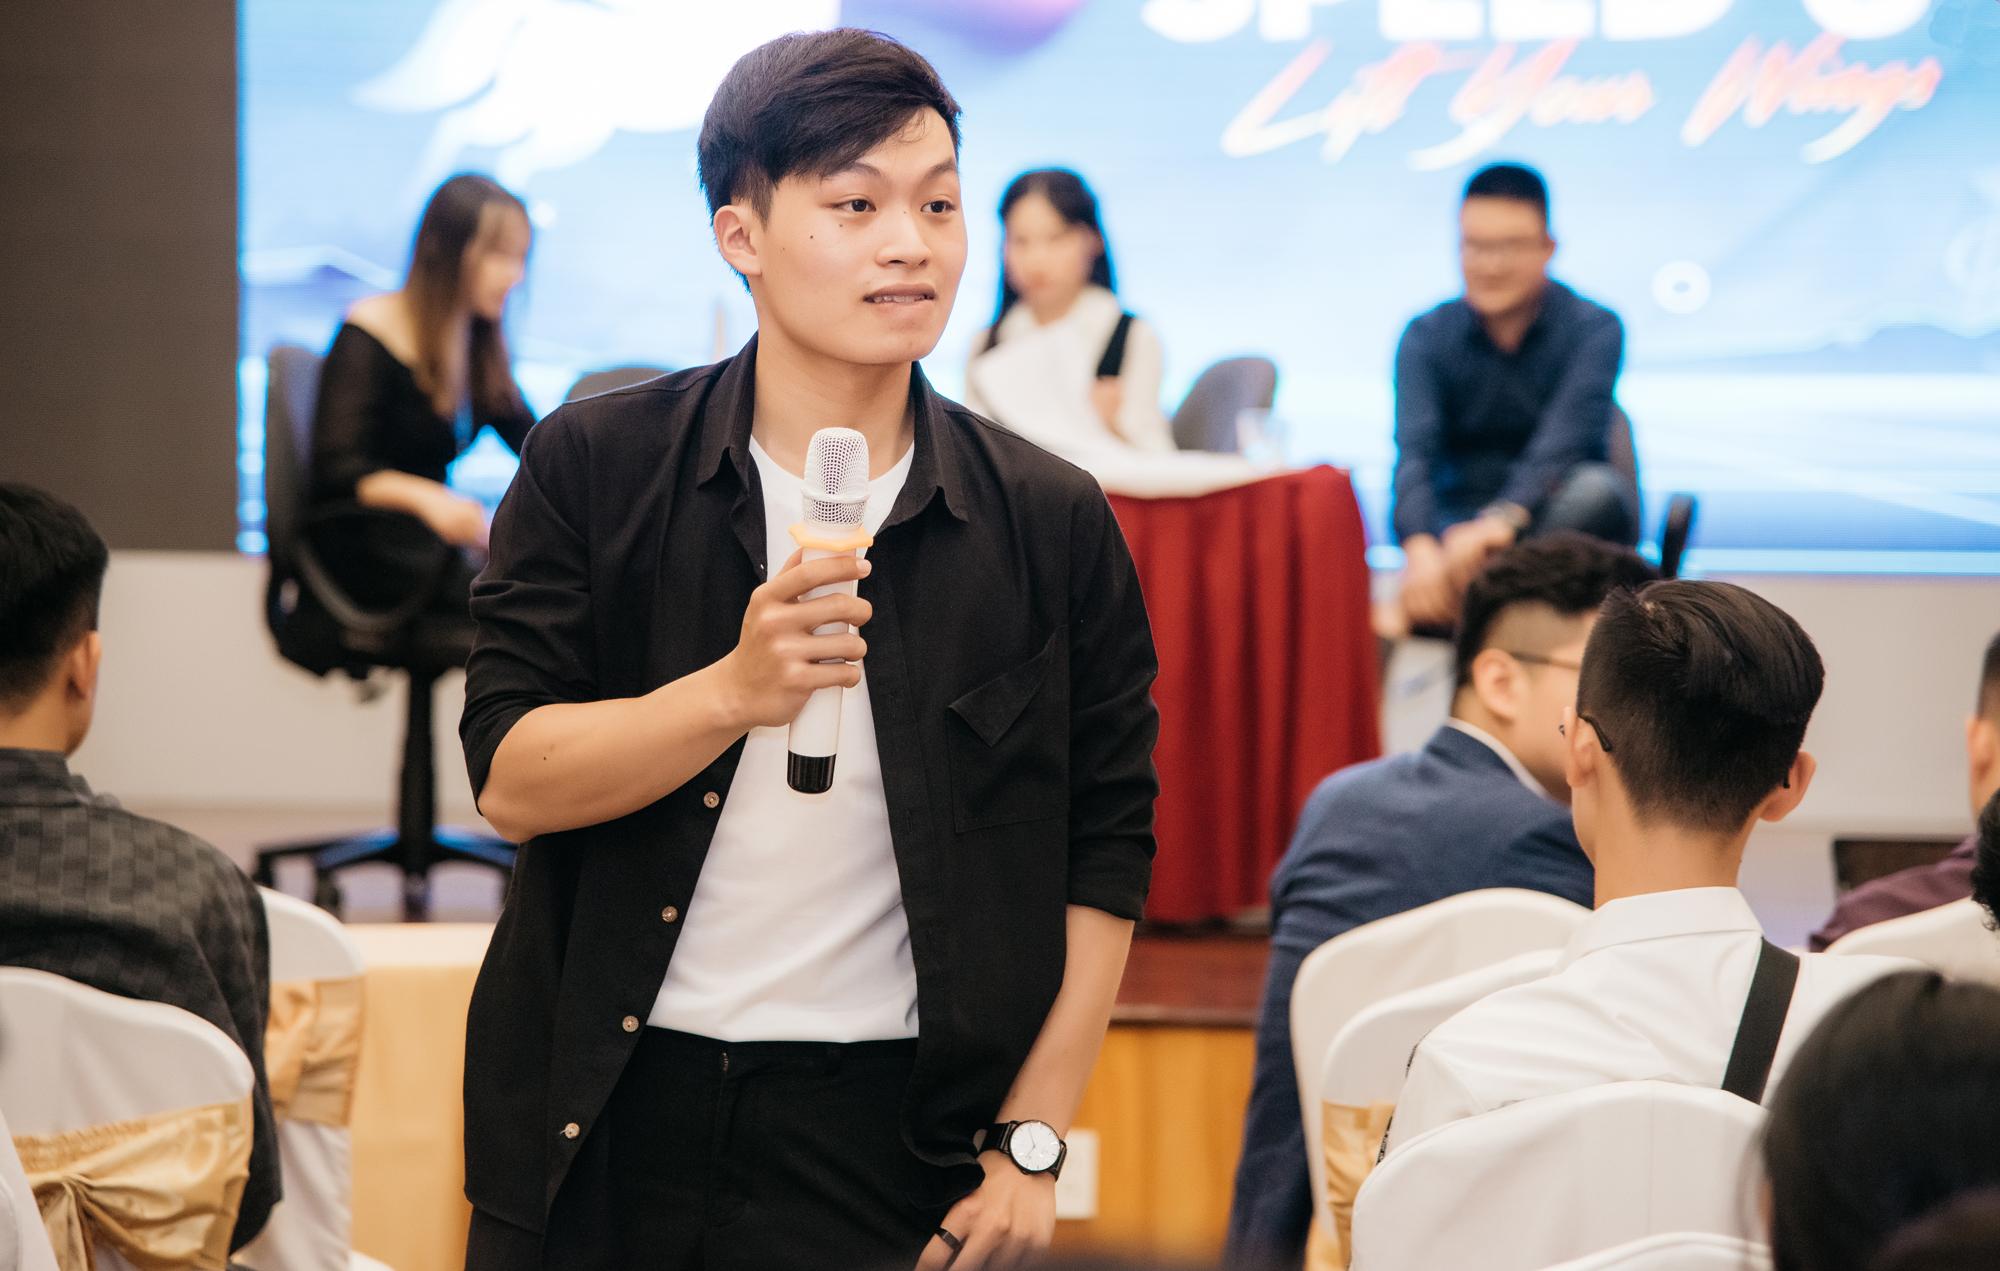 Hoàng Trí Dũng, người sáng lập và CEO một công ty có hơn 30 nhân viên, trong một ngày hội giới thiệu việc làm năm 2020. Ảnh: Nhân vật cung cấp